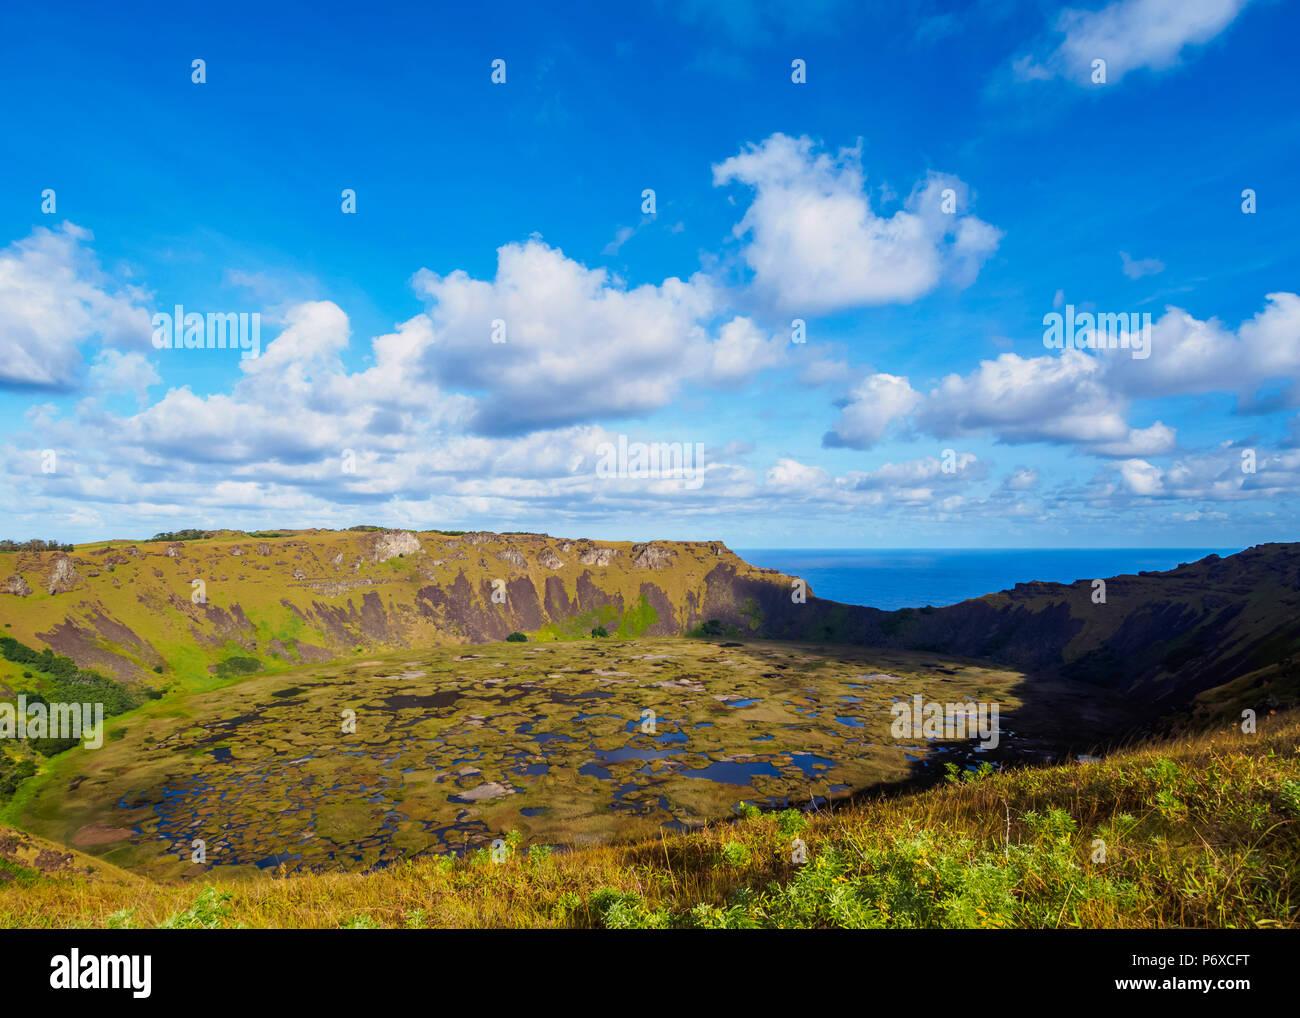 Il cratere di Rano Kau vulcano, l'isola di pasqua, Cile Immagini Stock